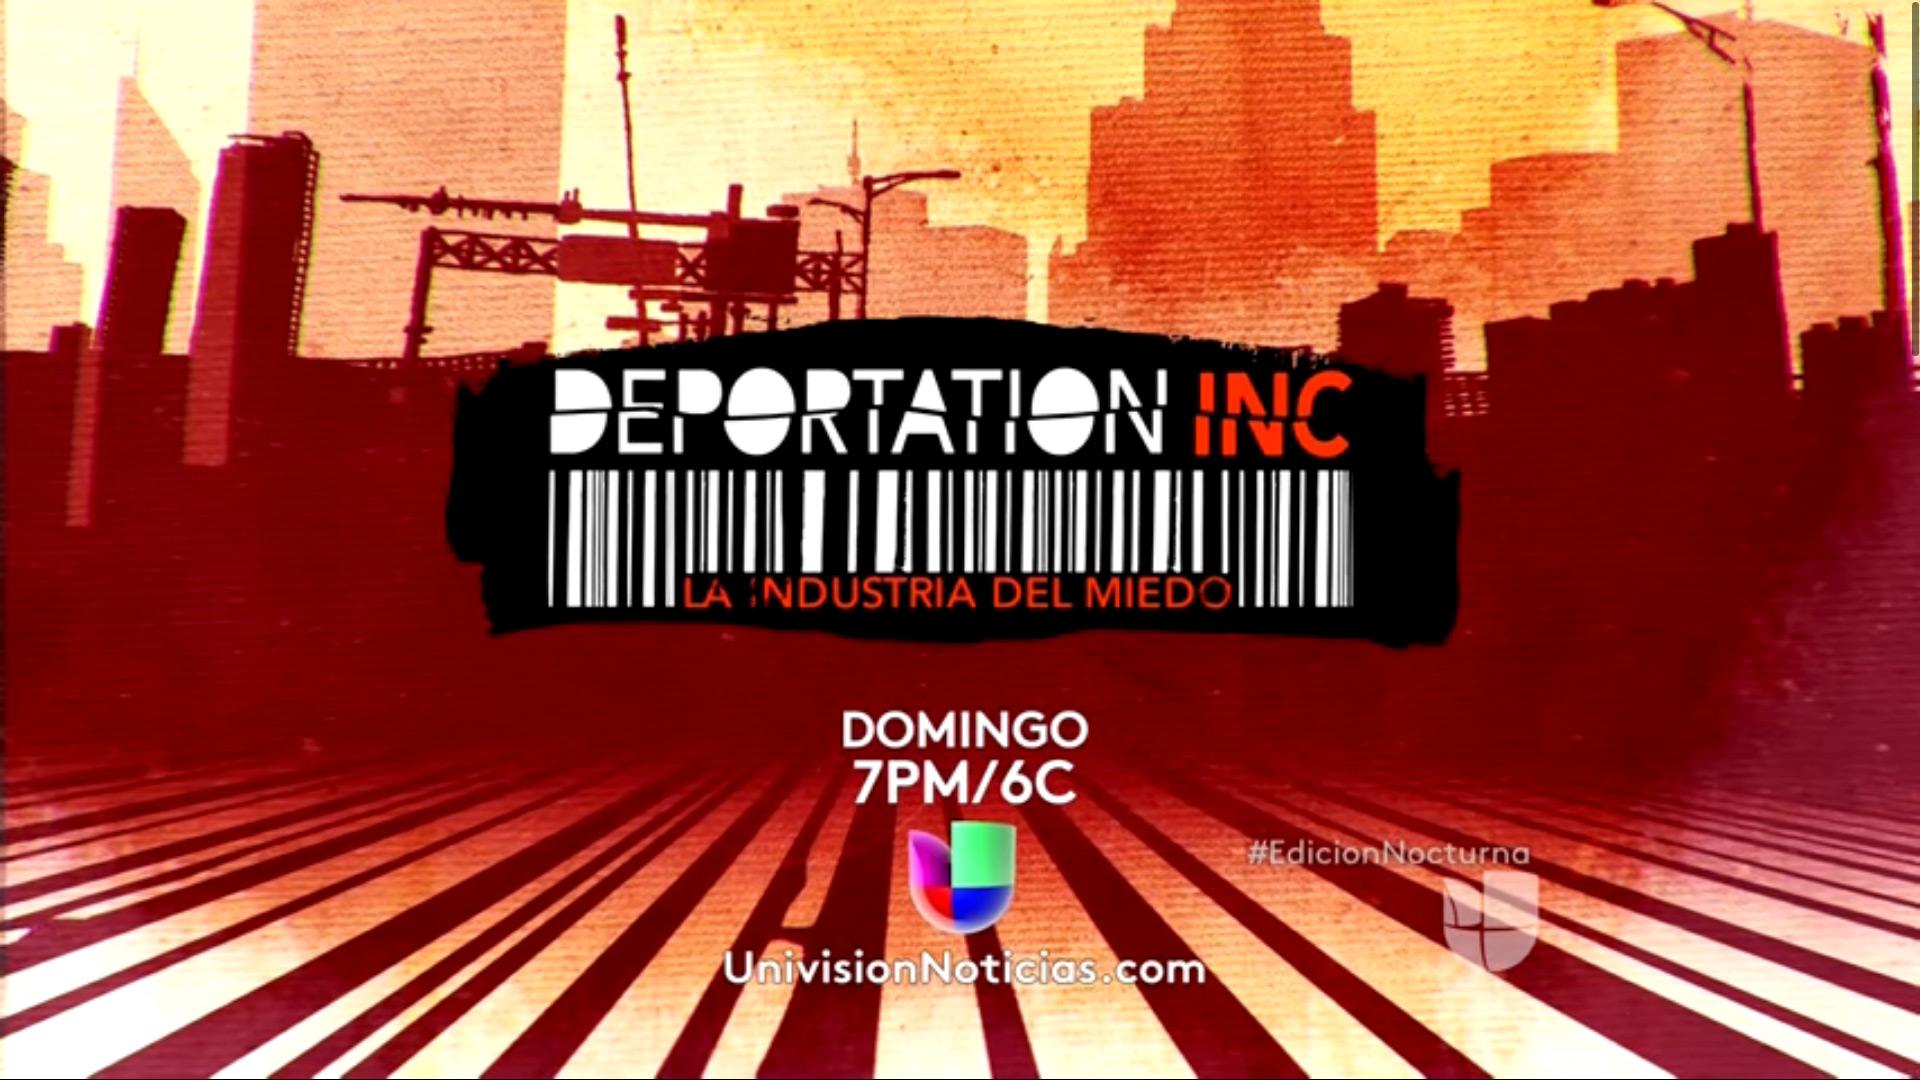 galeria-04-deportation-inc